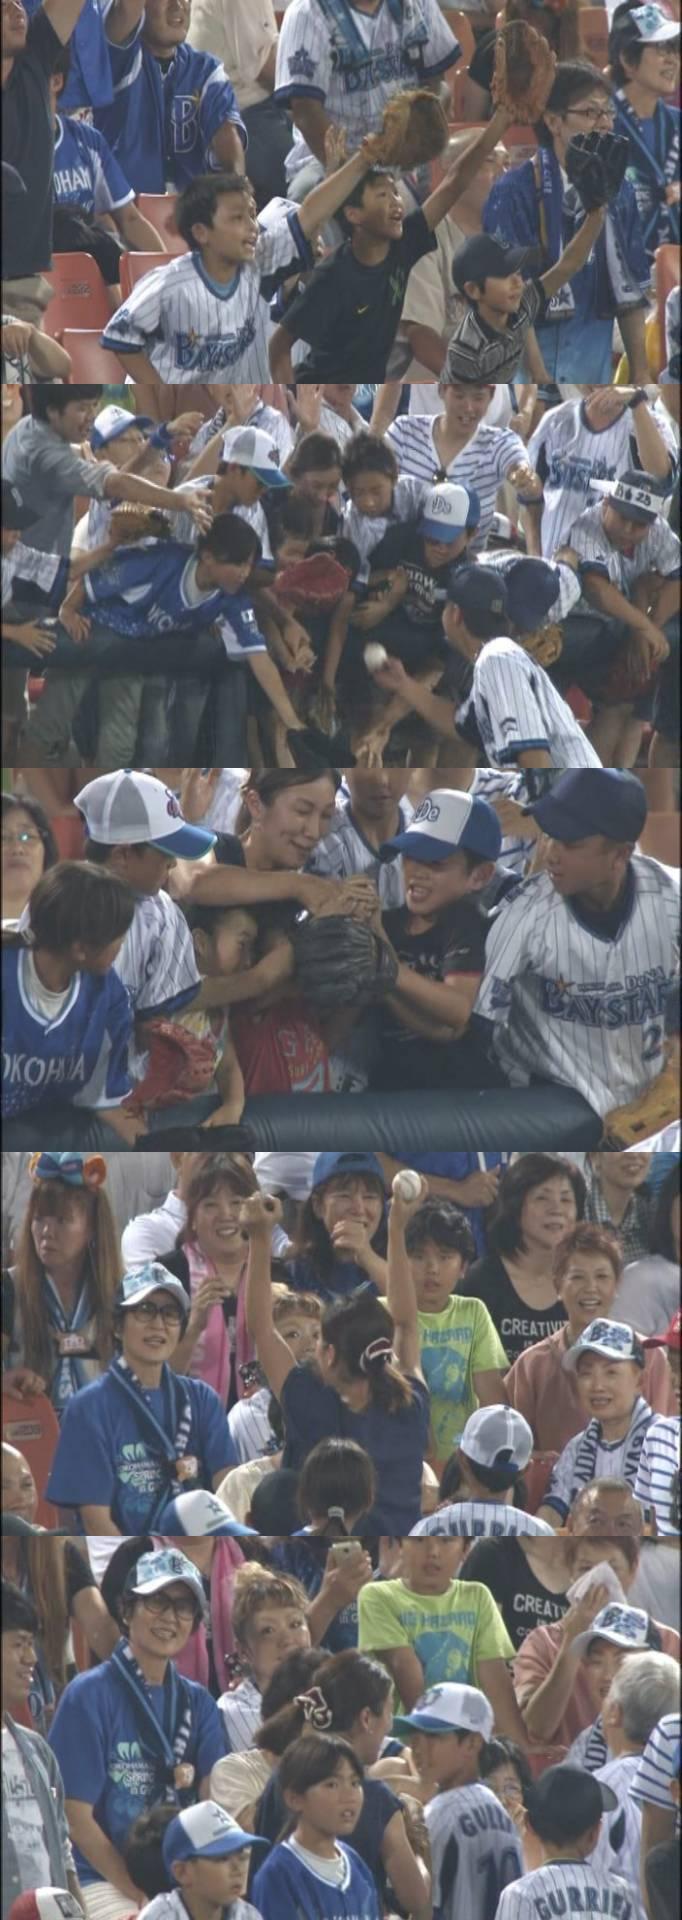 プロ野球選手が子供に渡したボールをババアが力尽くで奪い取るw